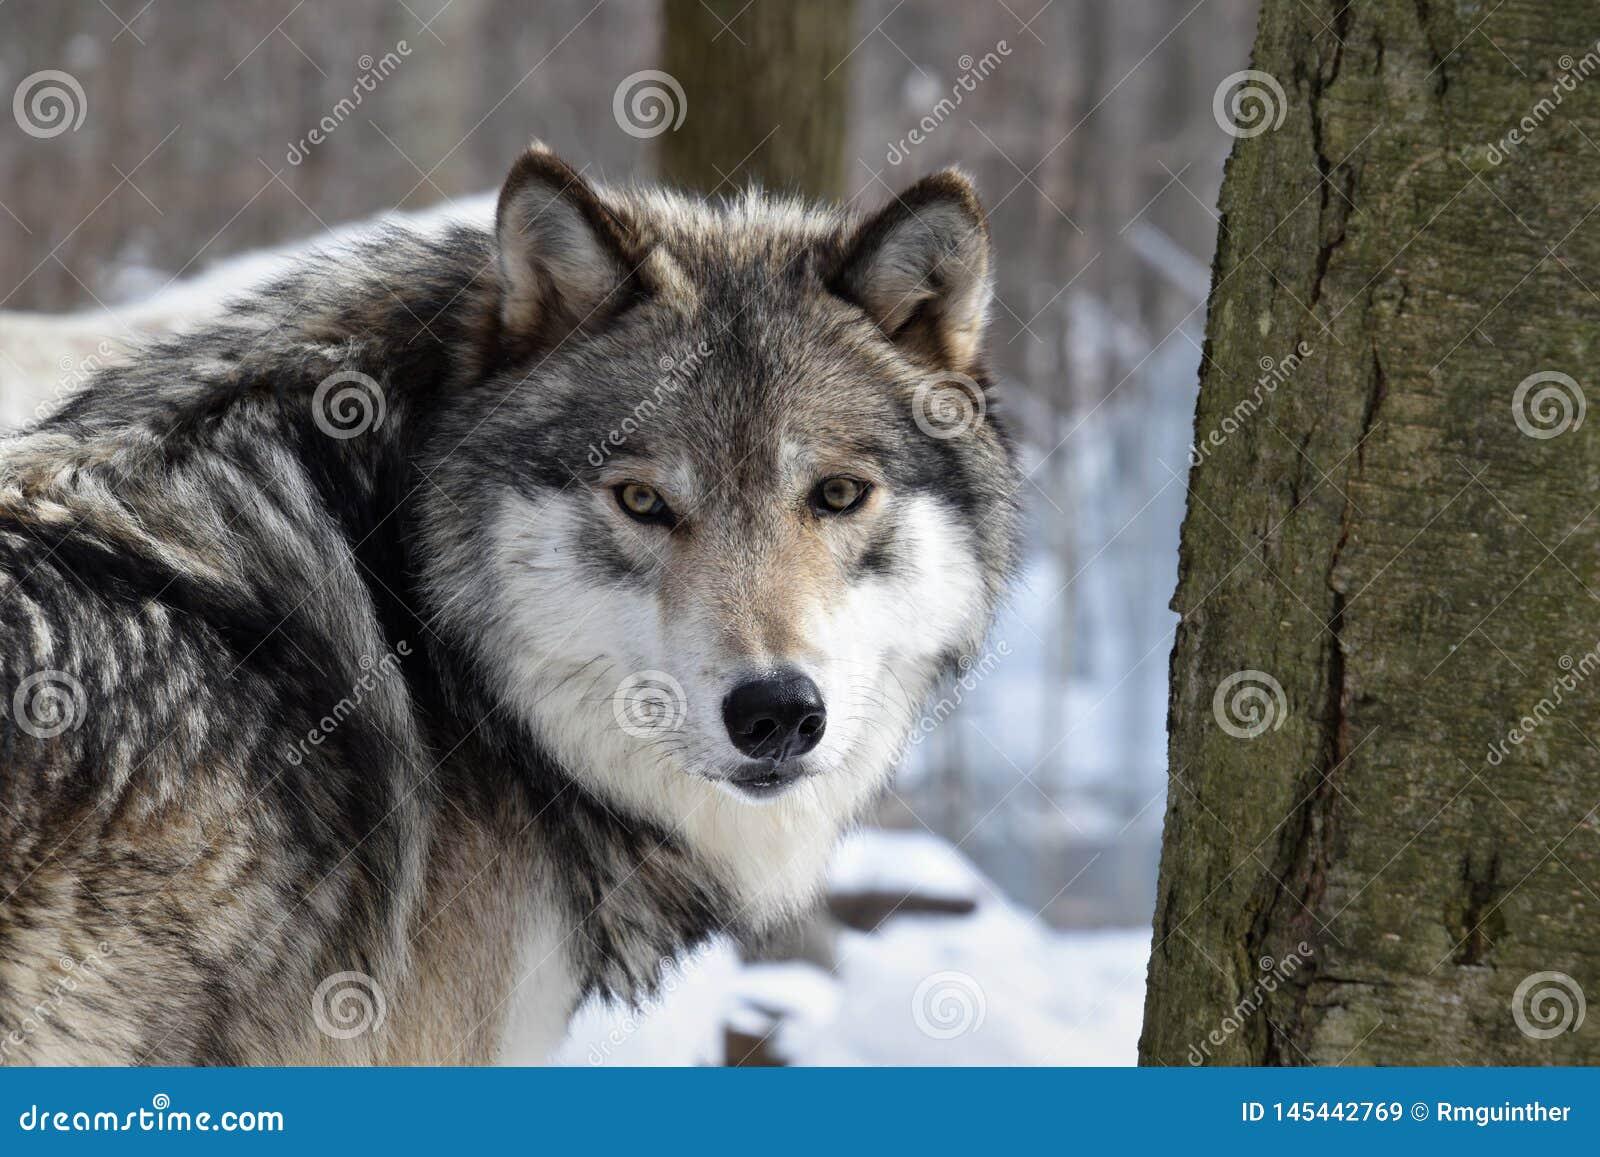 Esaminare gli occhi di un lupo comune